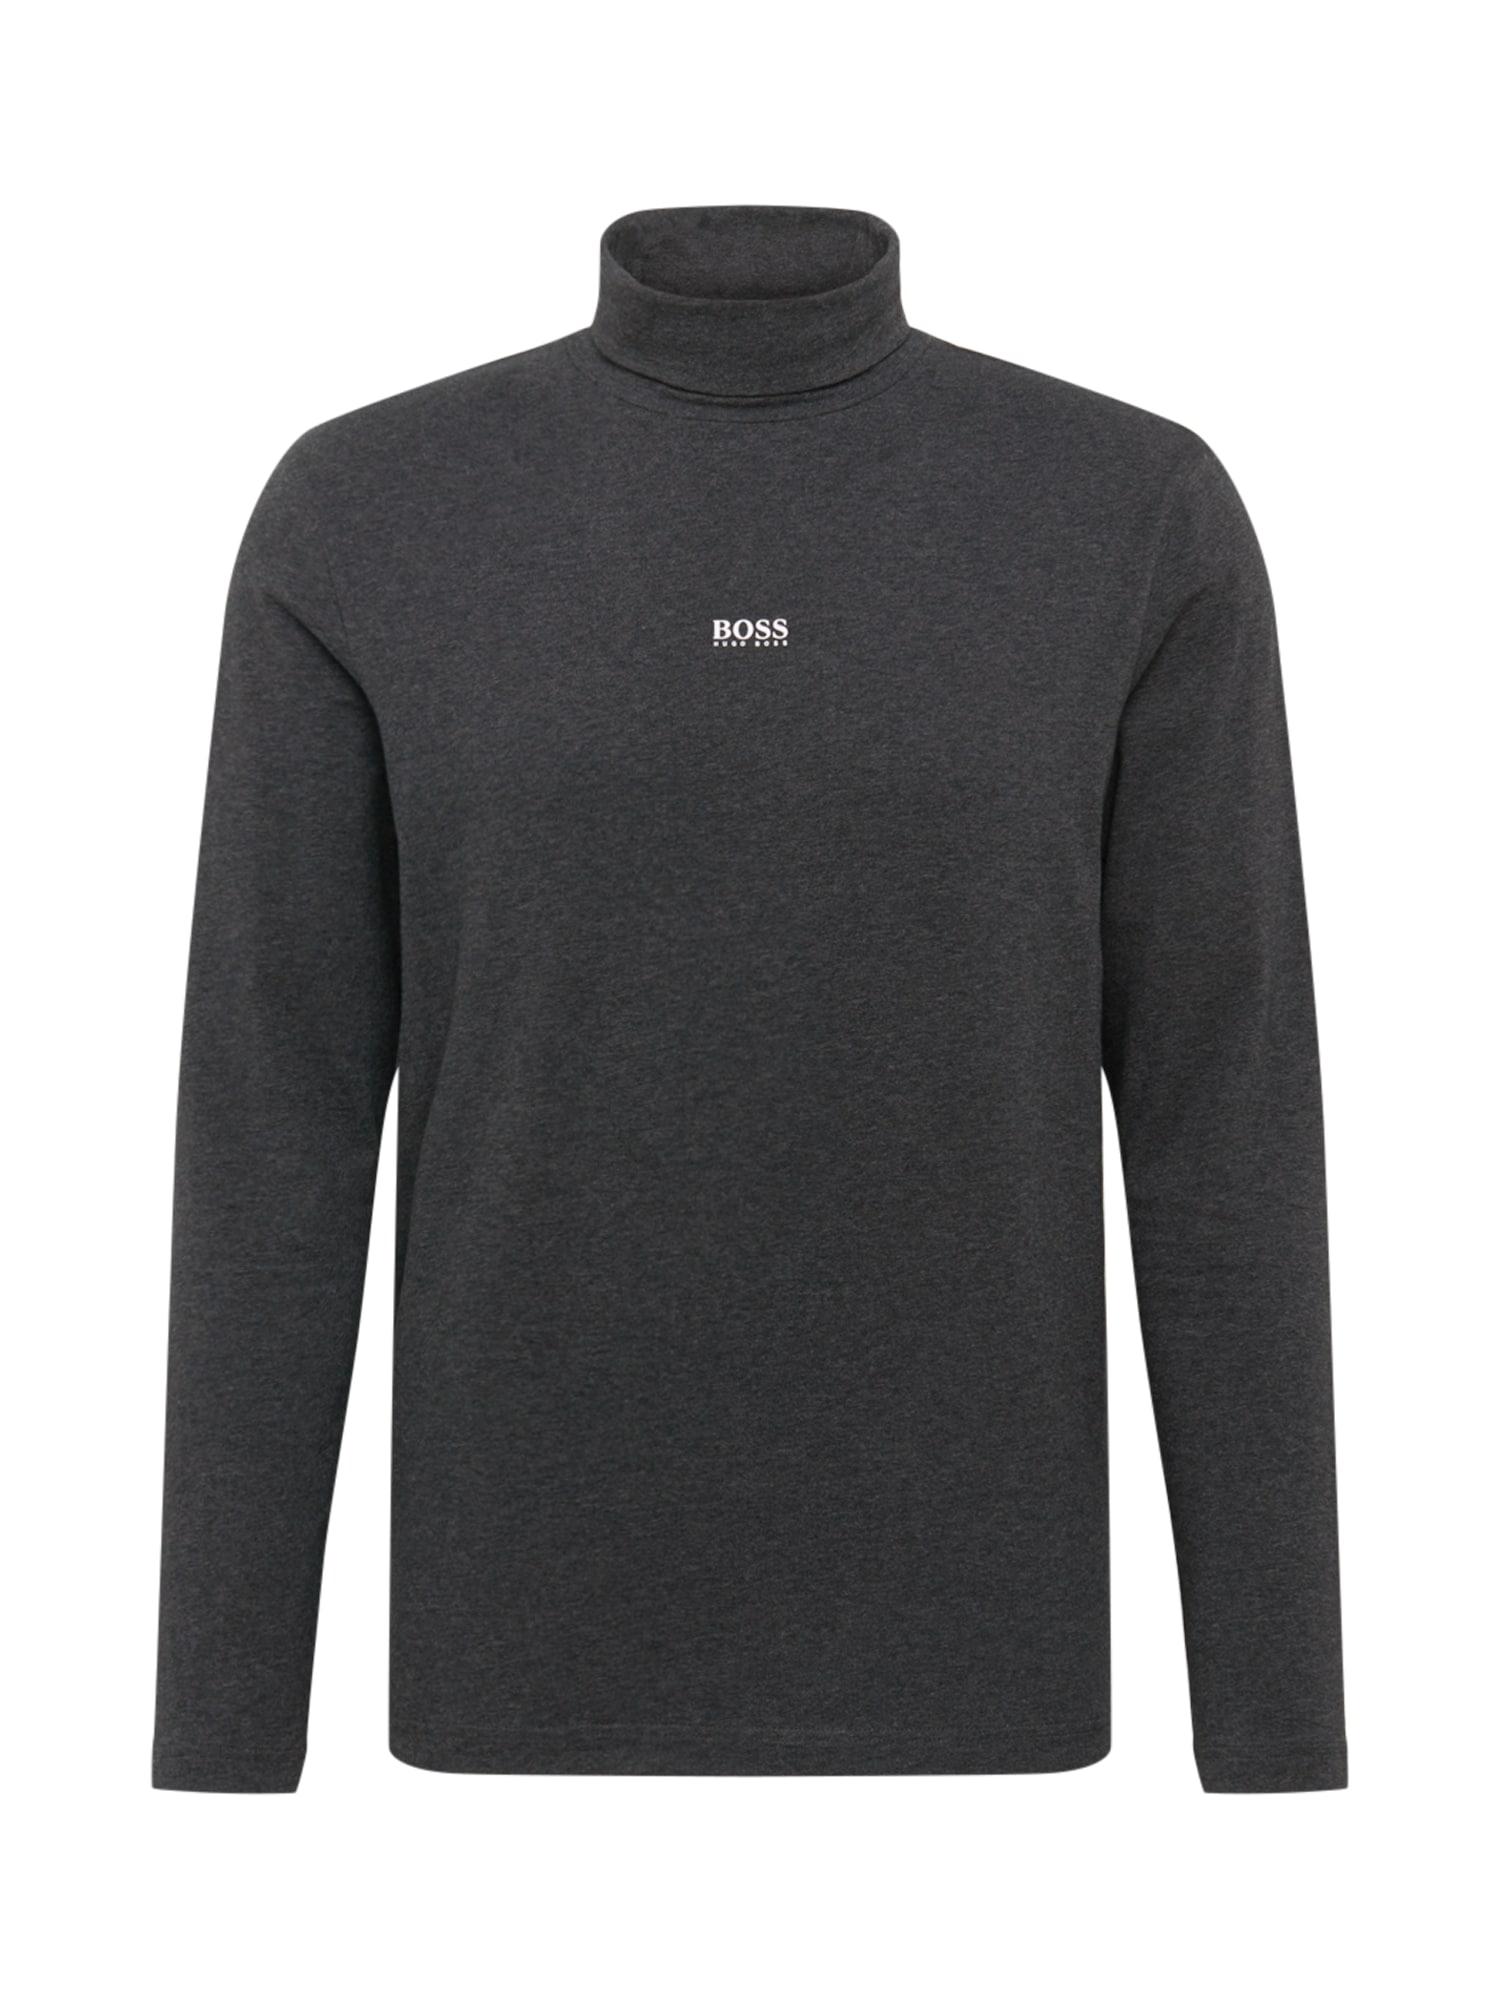 BOSS Marškinėliai tamsiai pilka